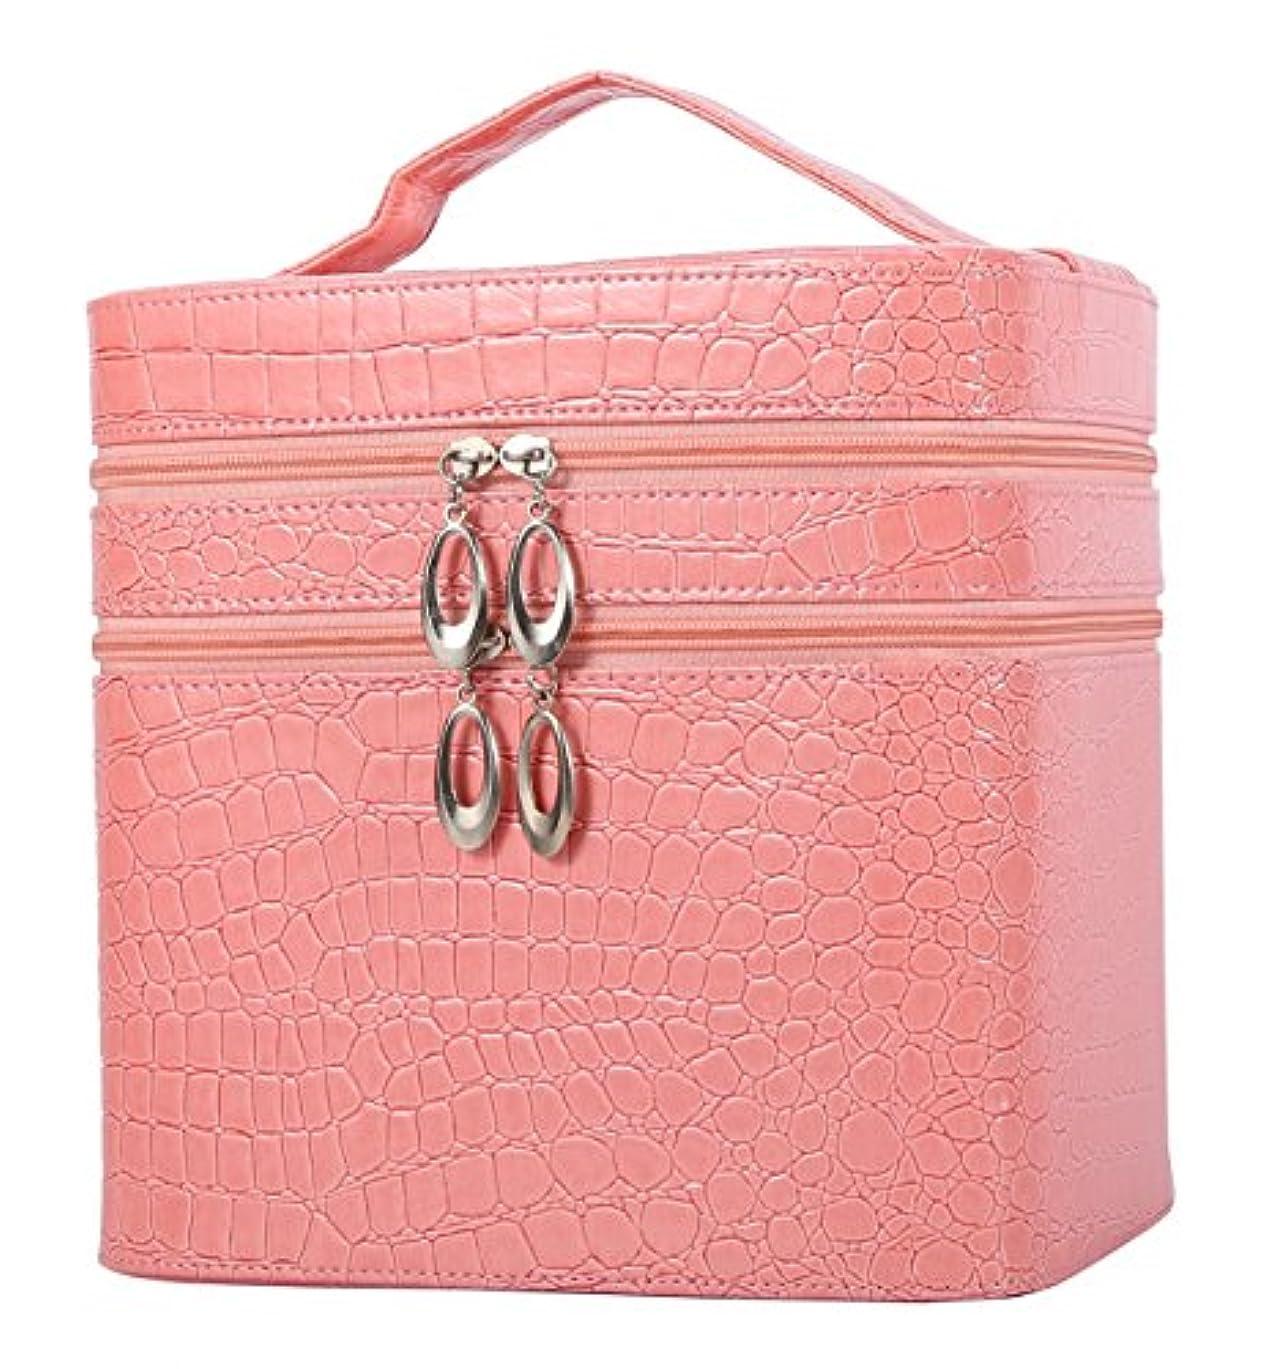 所有権画像レトルトHOYOFO メイクボックス コスメ収納 大容量 おしゃれ 化粧入れ 収納ケース 鏡付き 二段式 ギフト ピンク